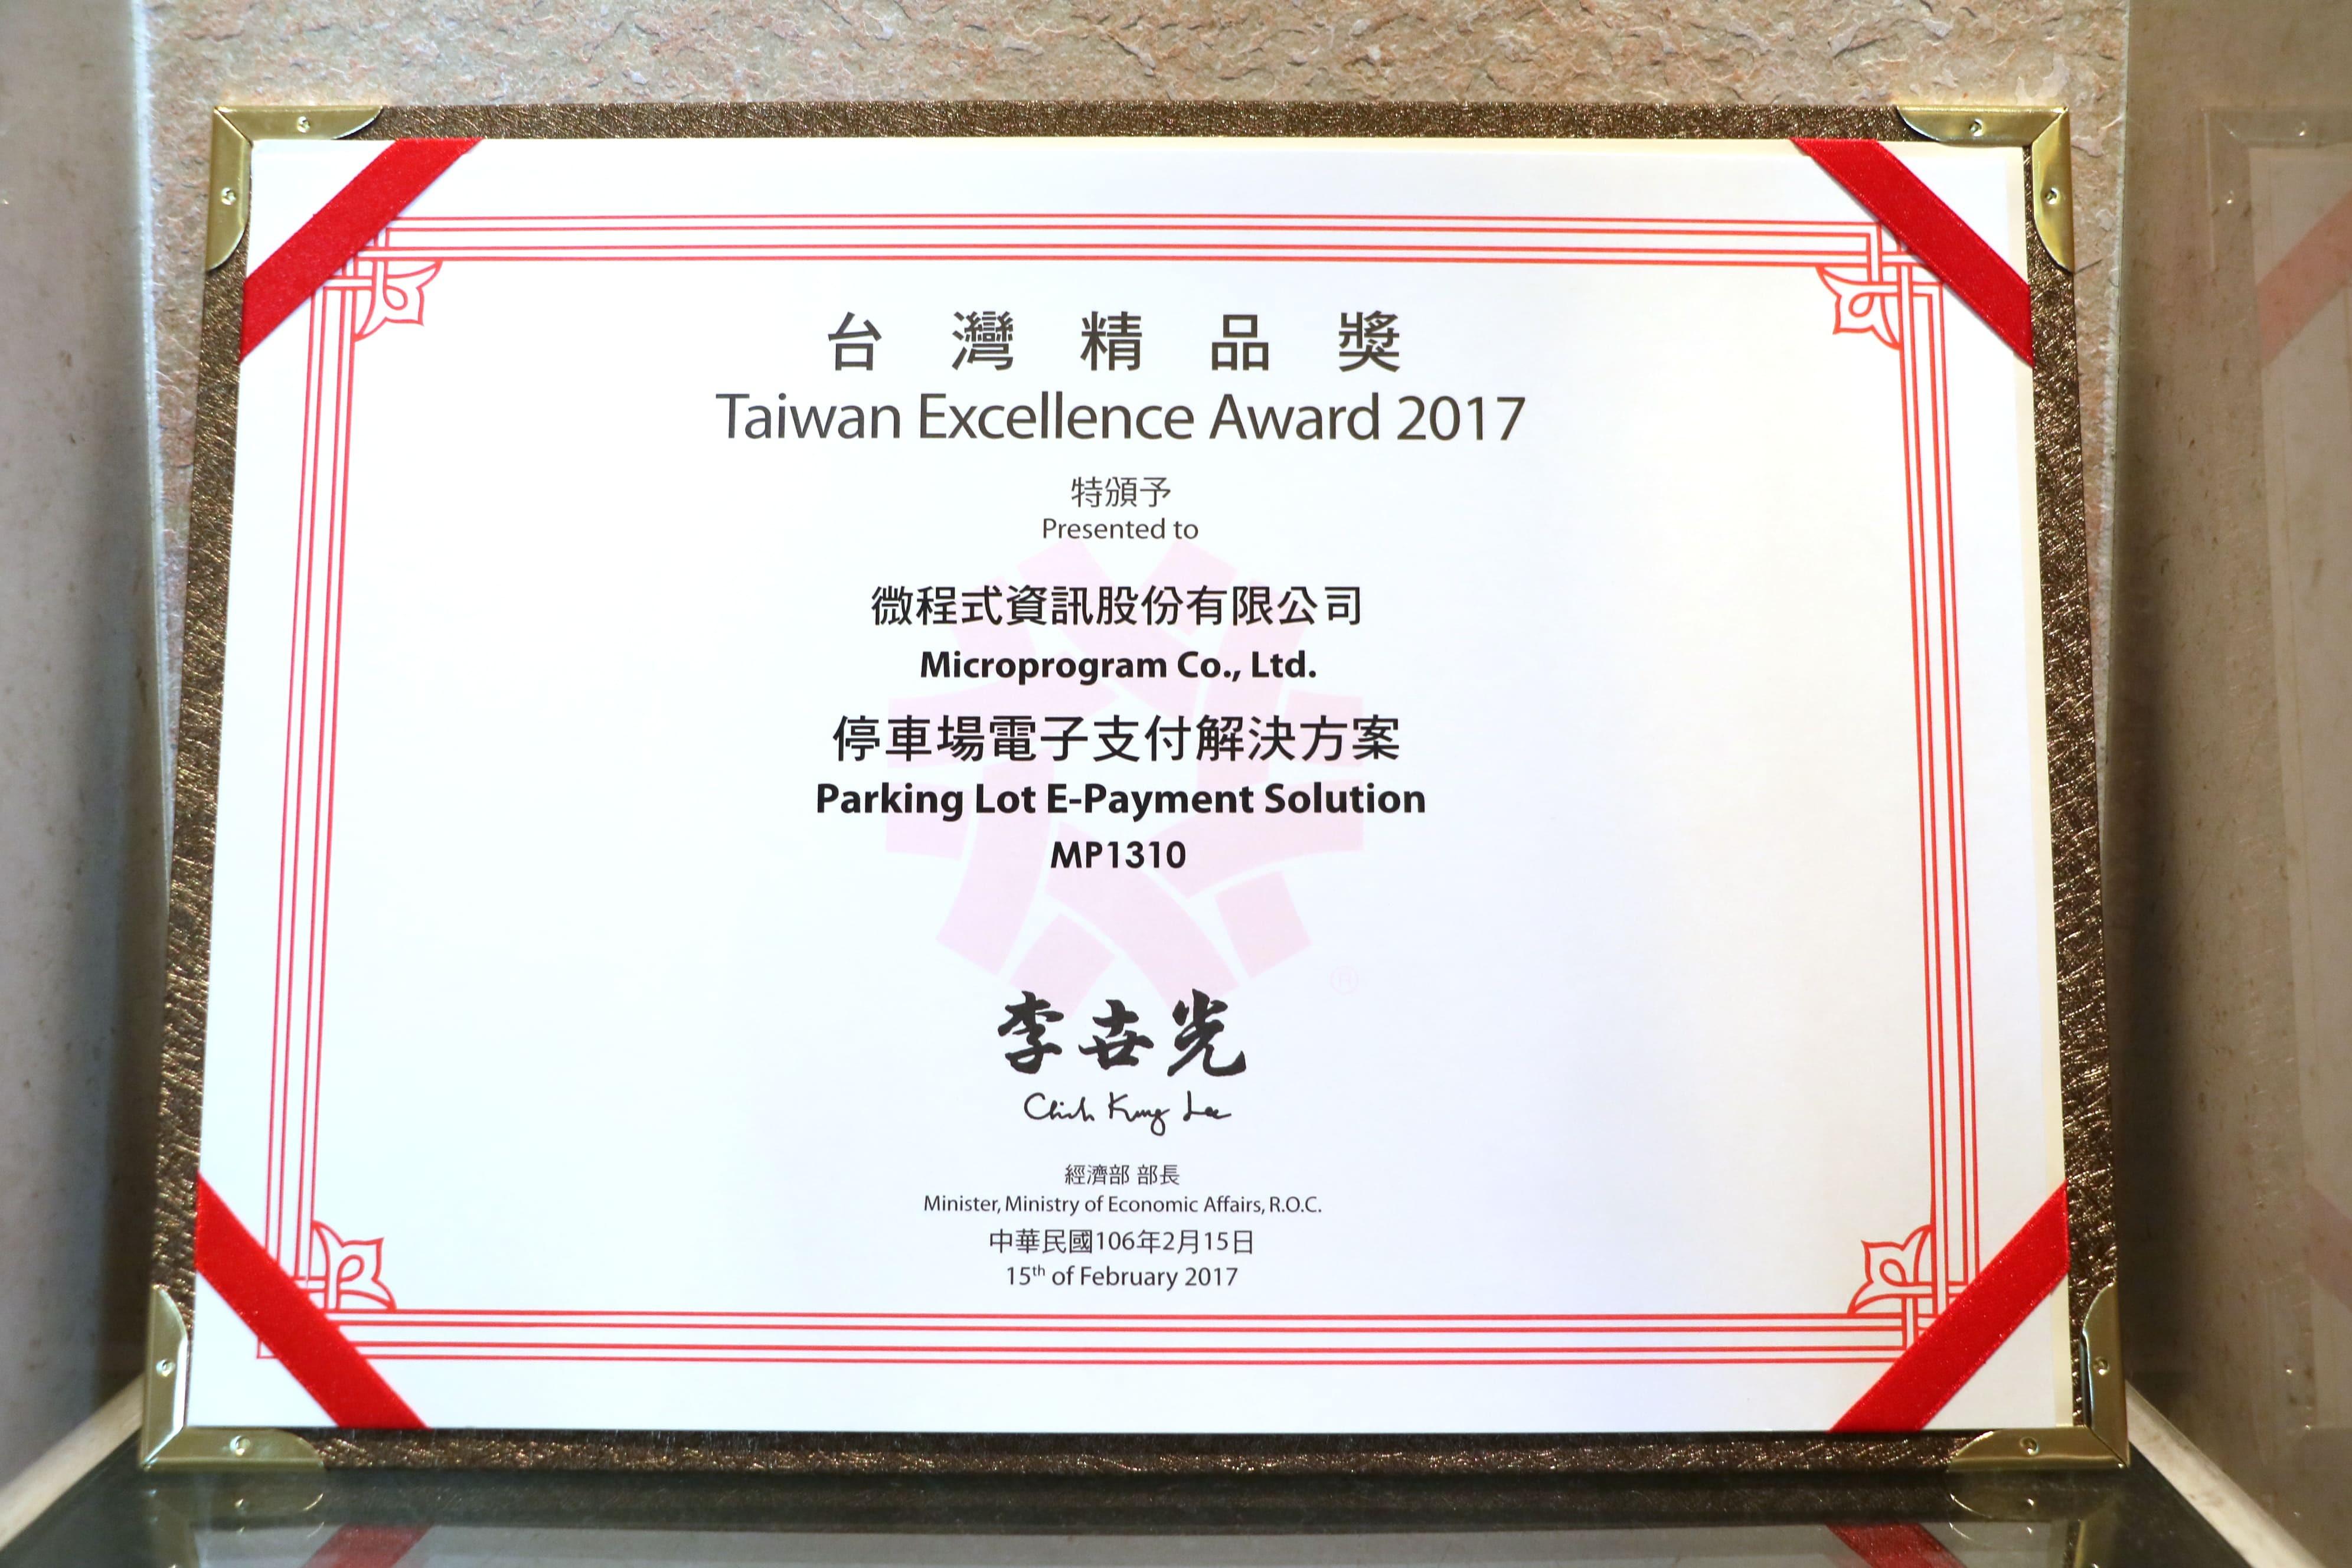 微程式台灣精品獎獎狀